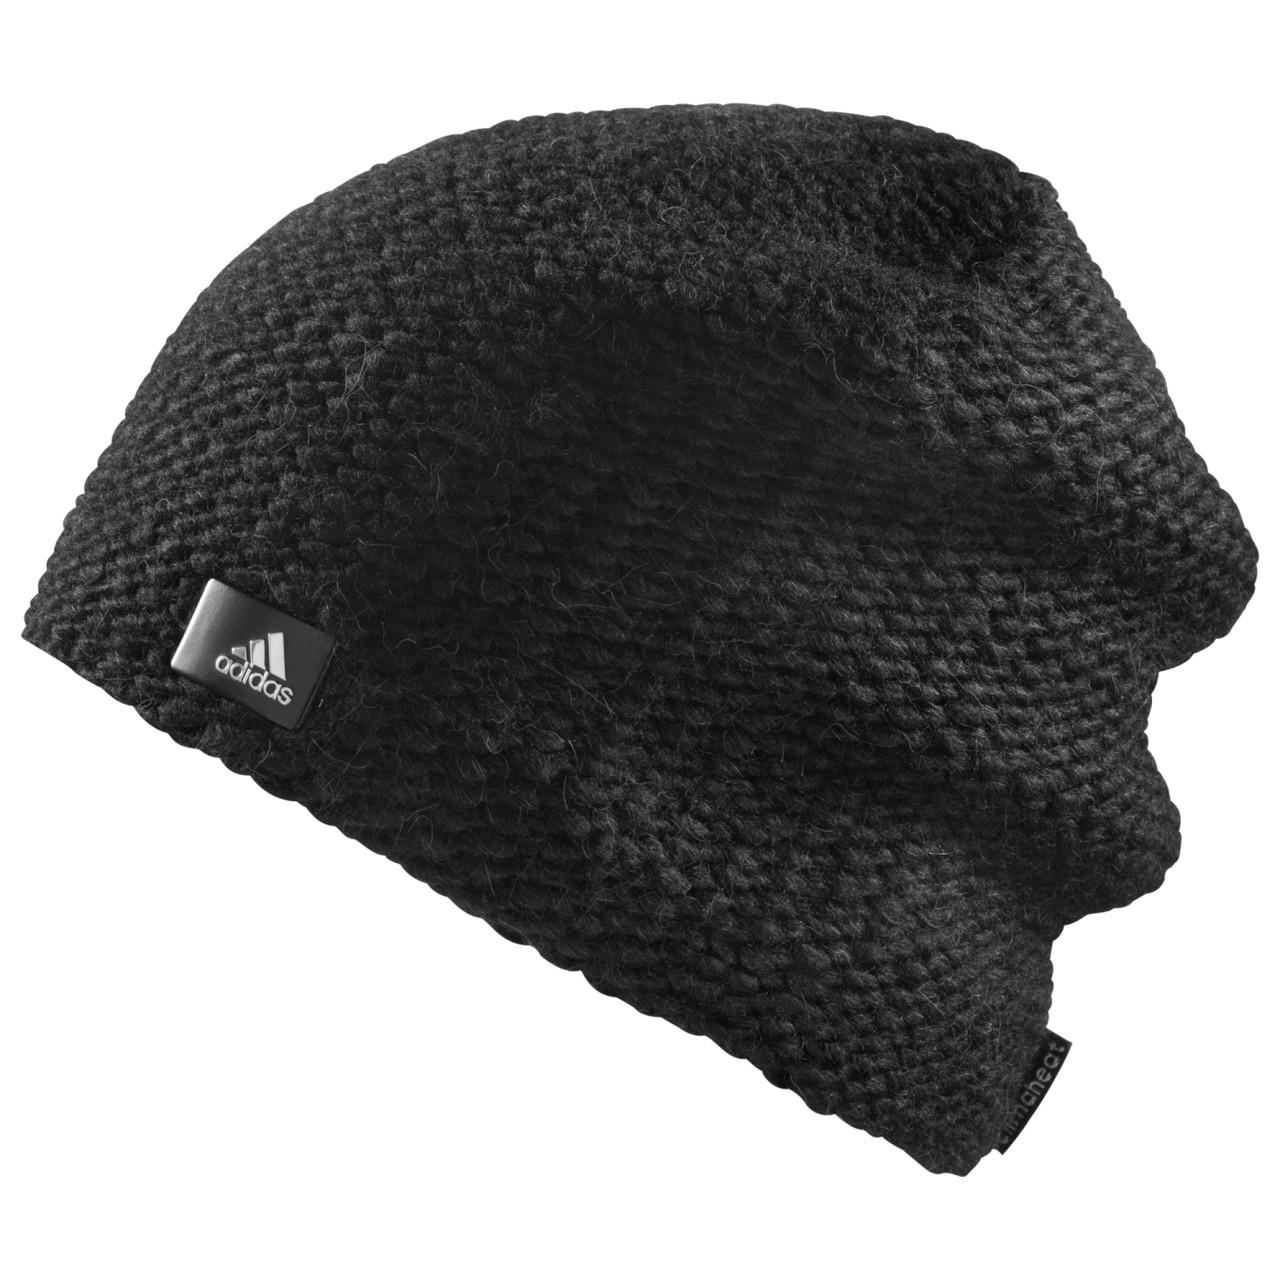 Adidas Beanie Hat Ebay afec98db68c